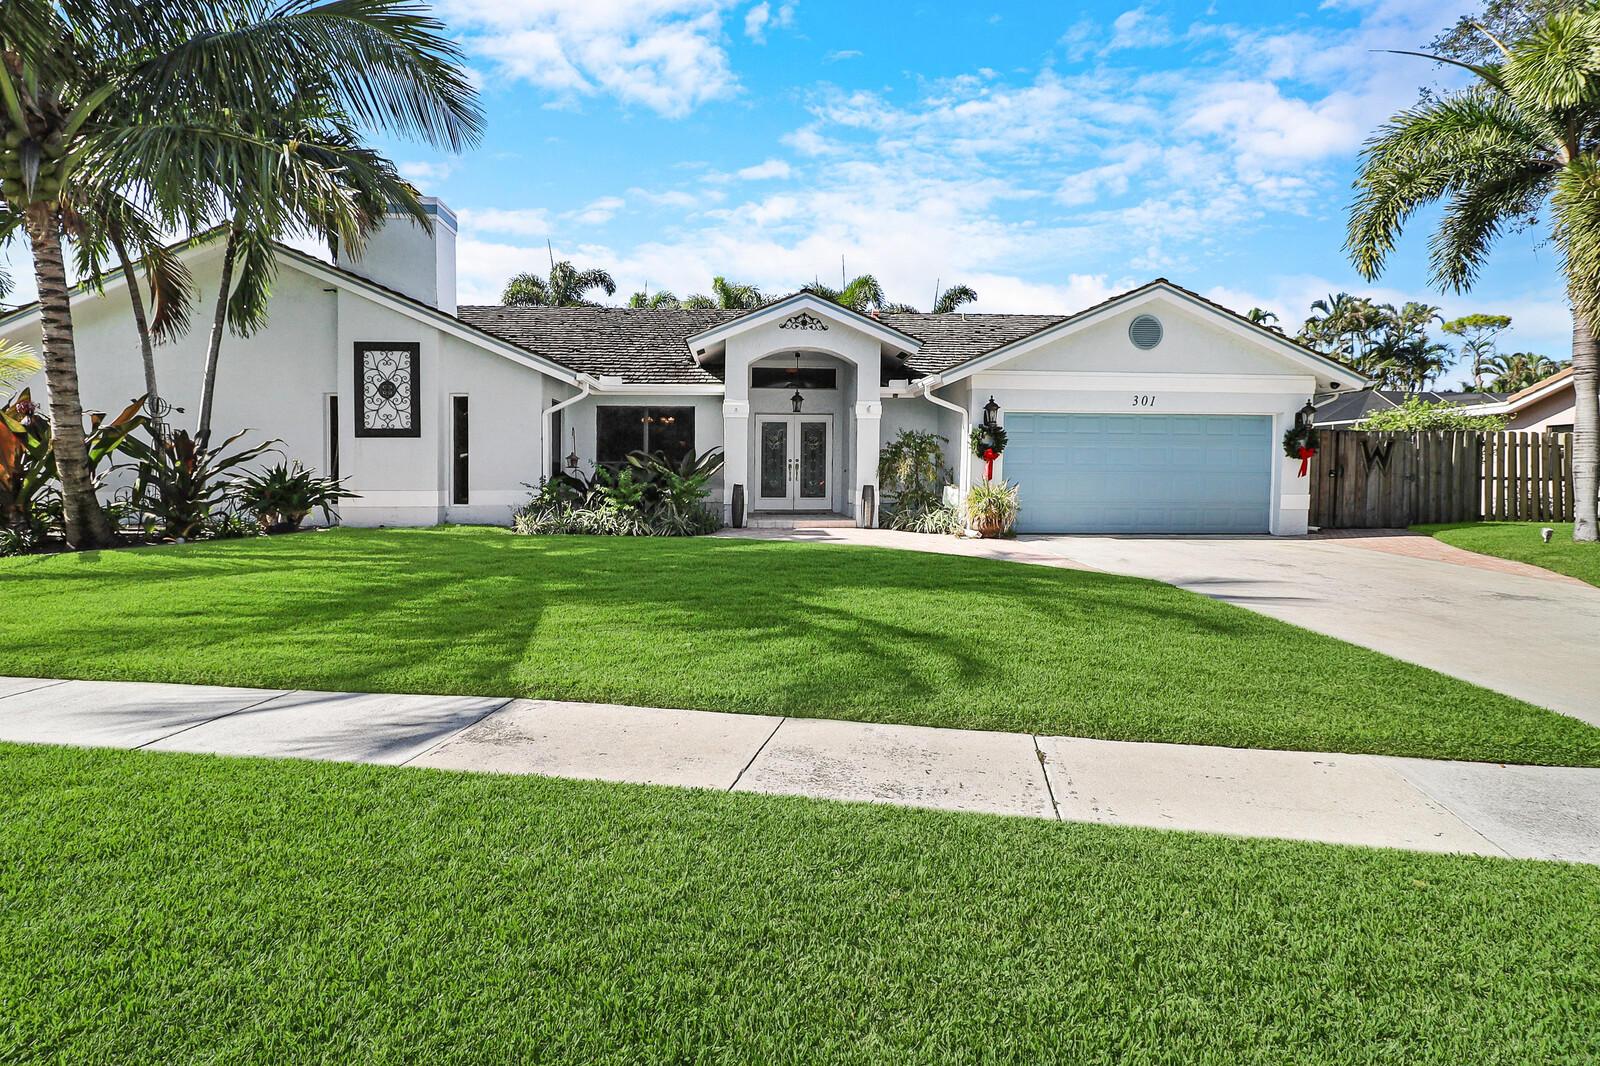 301 Sw 15th Avenue Boca Raton, FL 33486